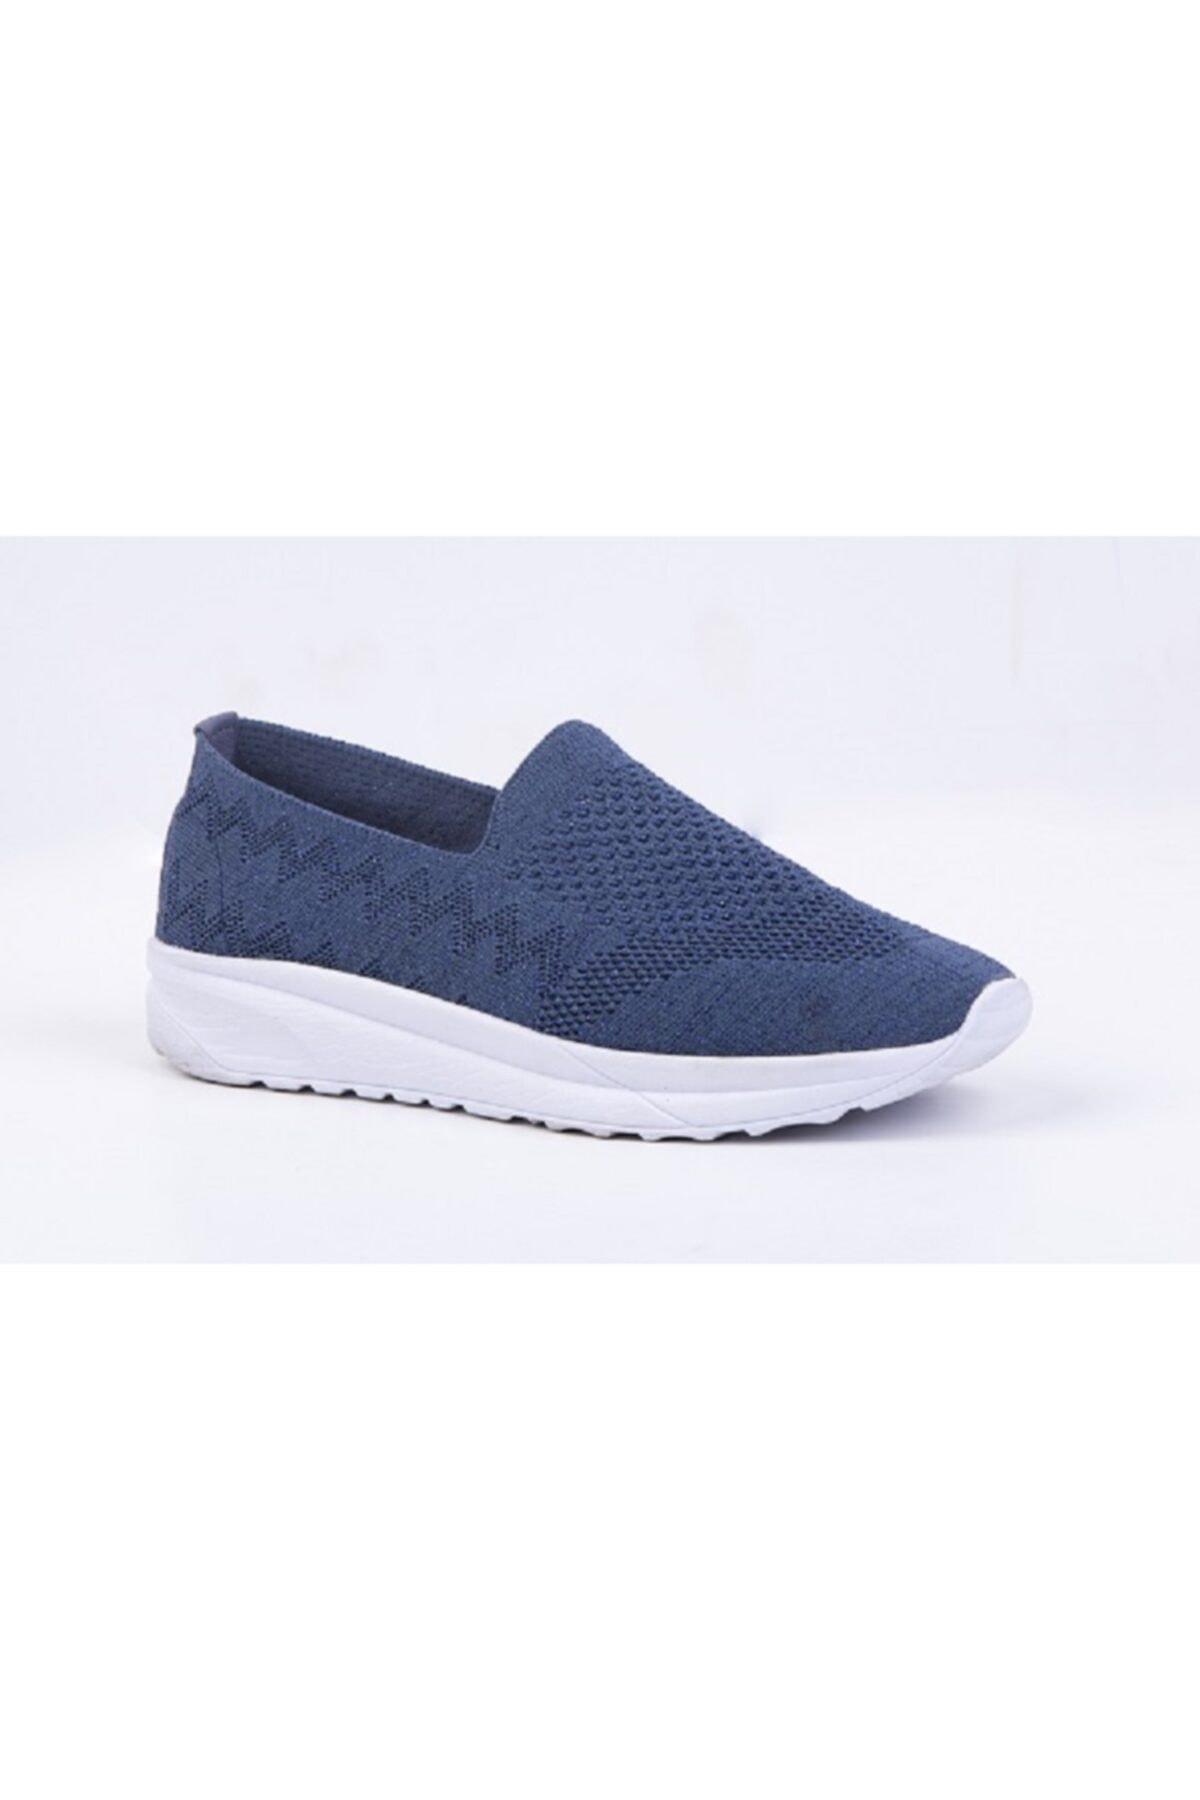 DR SOFT Kadın Lacivert Ortopedik Yürüyüş Ayakkabısı Tekstil 1